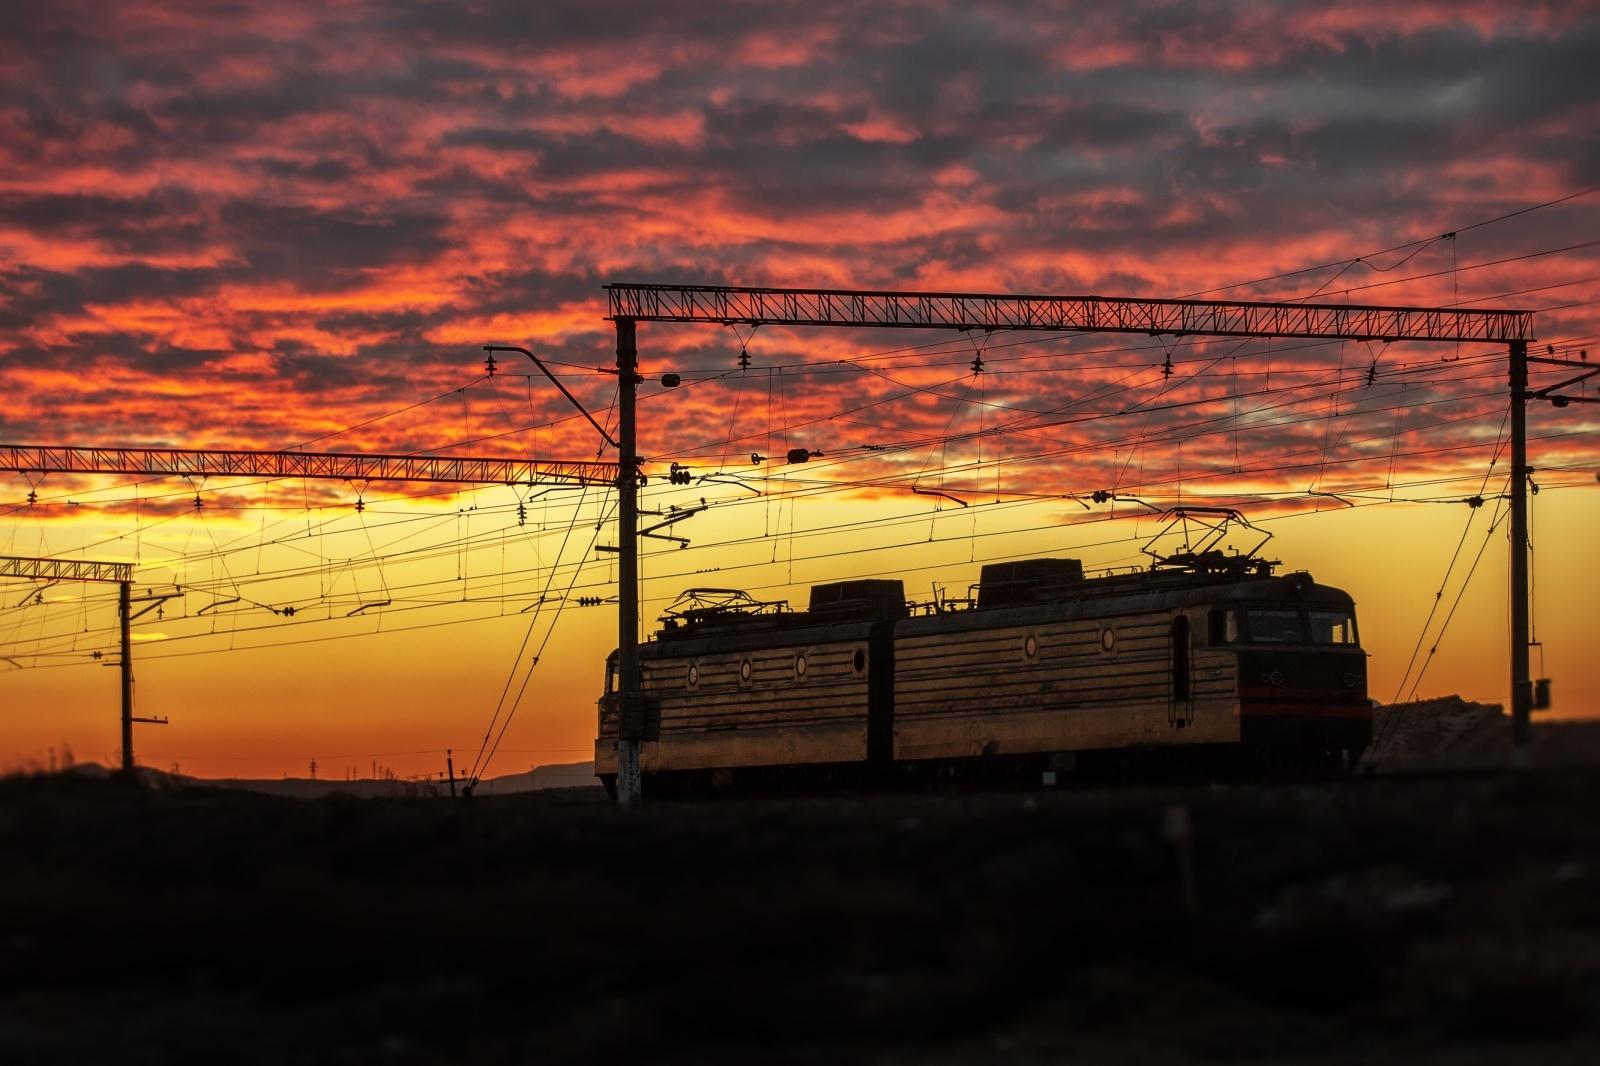 夕焼け空の下を走る機関車